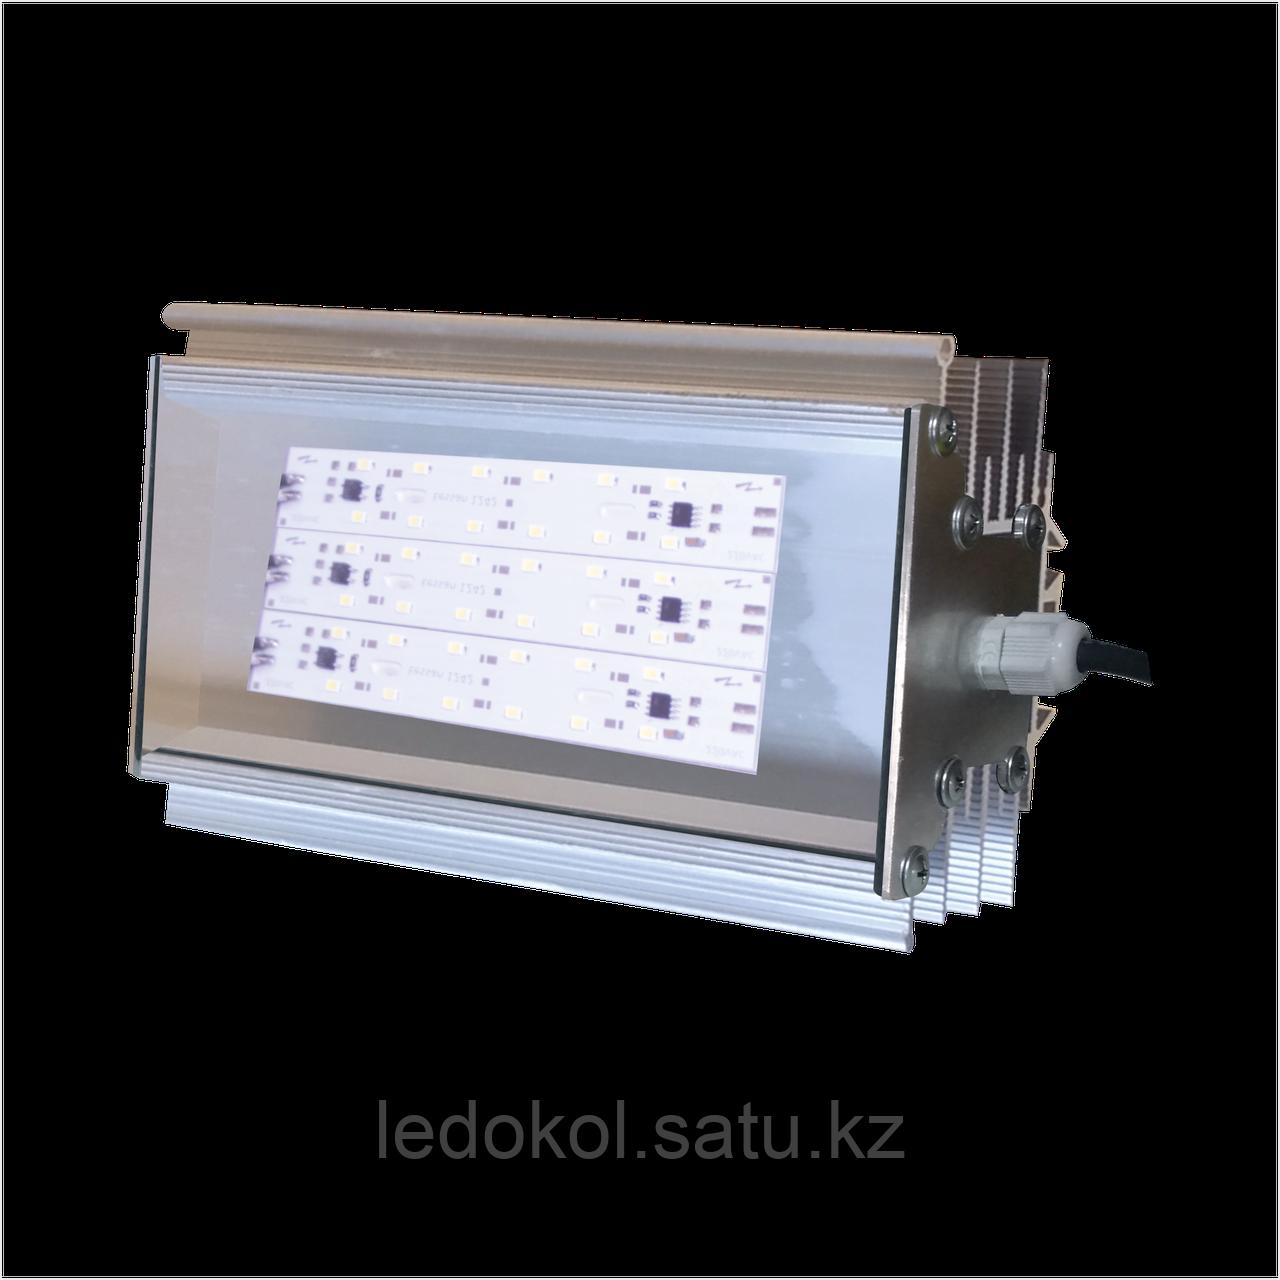 Светильник 30 Вт, Промышленный светодиодный, алюминиевый корпус